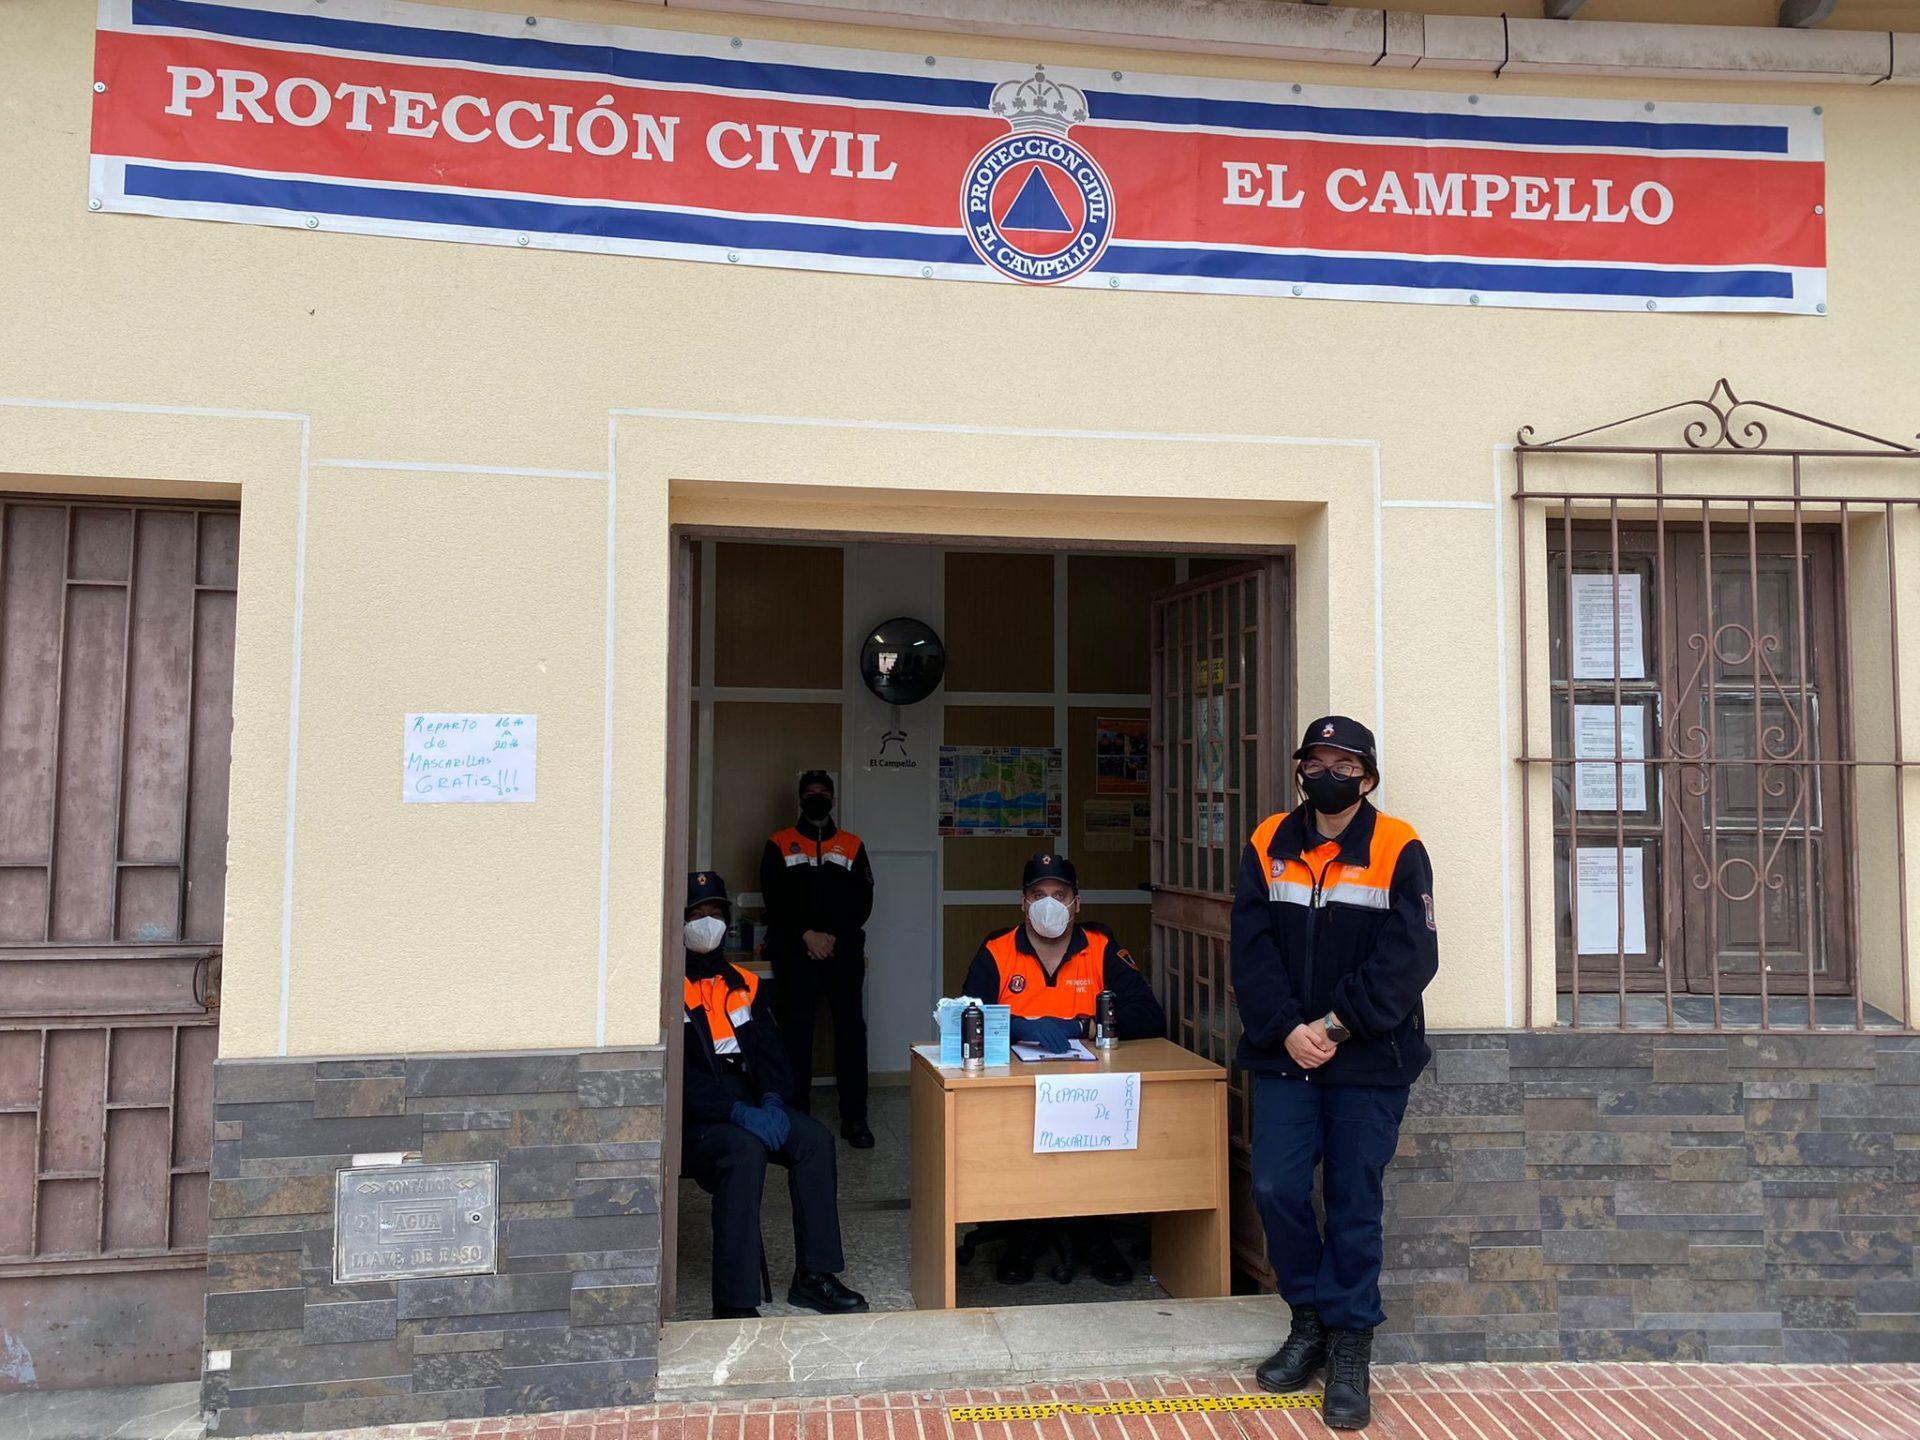 Protección Civil El Campello